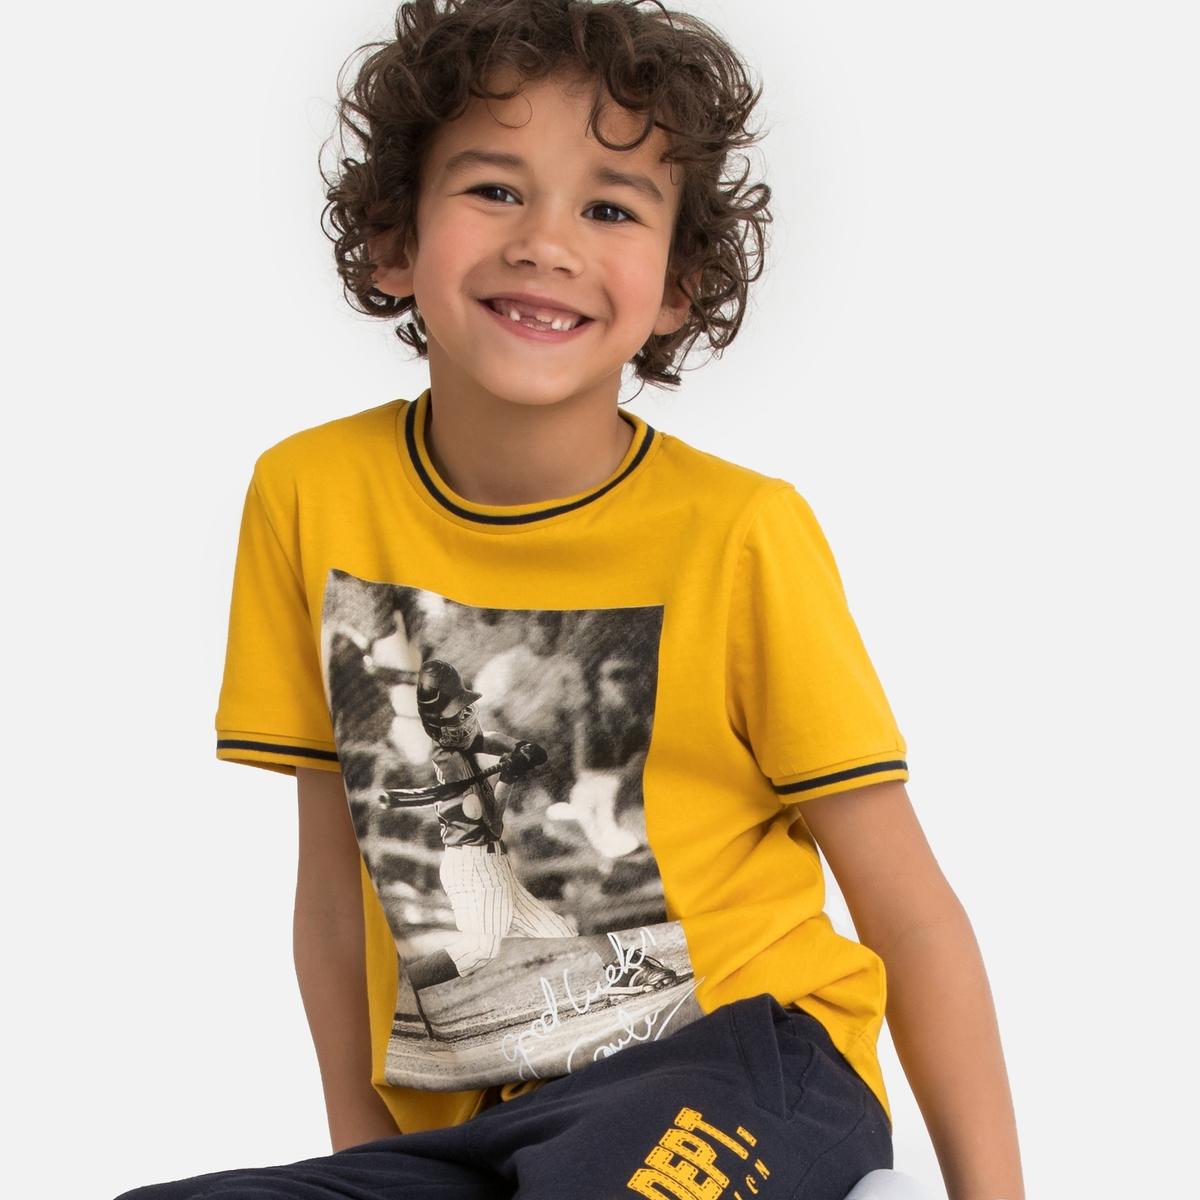 Футболка La Redoute С круглым вырезом короткими рукавами с принтом 3 года - 94 см желтый футболка la redoute с длинными рукавами 3 года 94 см оранжевый